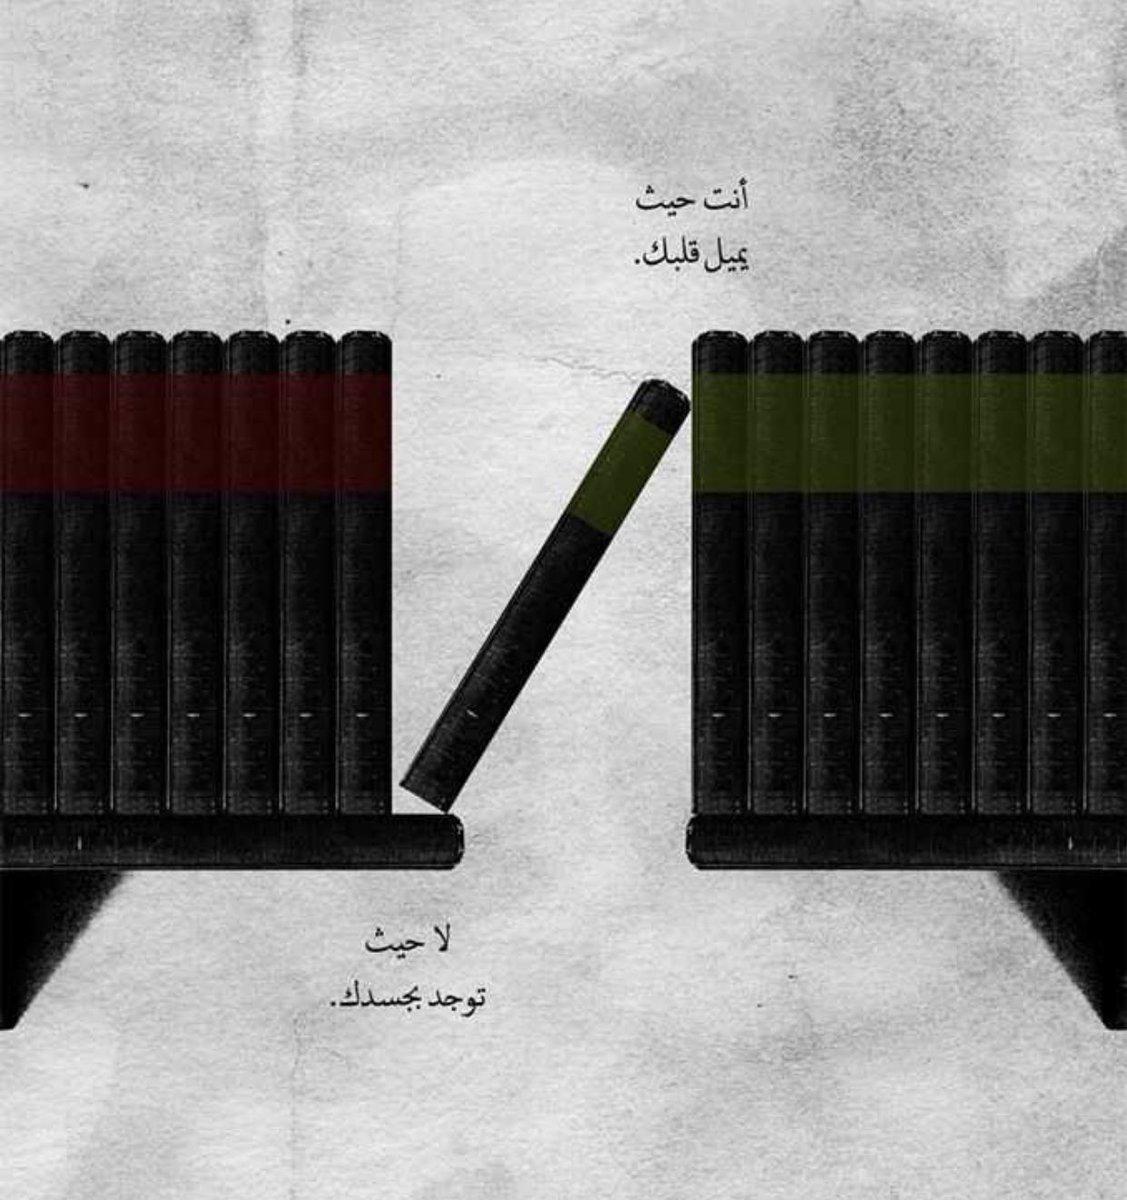 #عمر_الصعيدي صورة فوتوغرافية